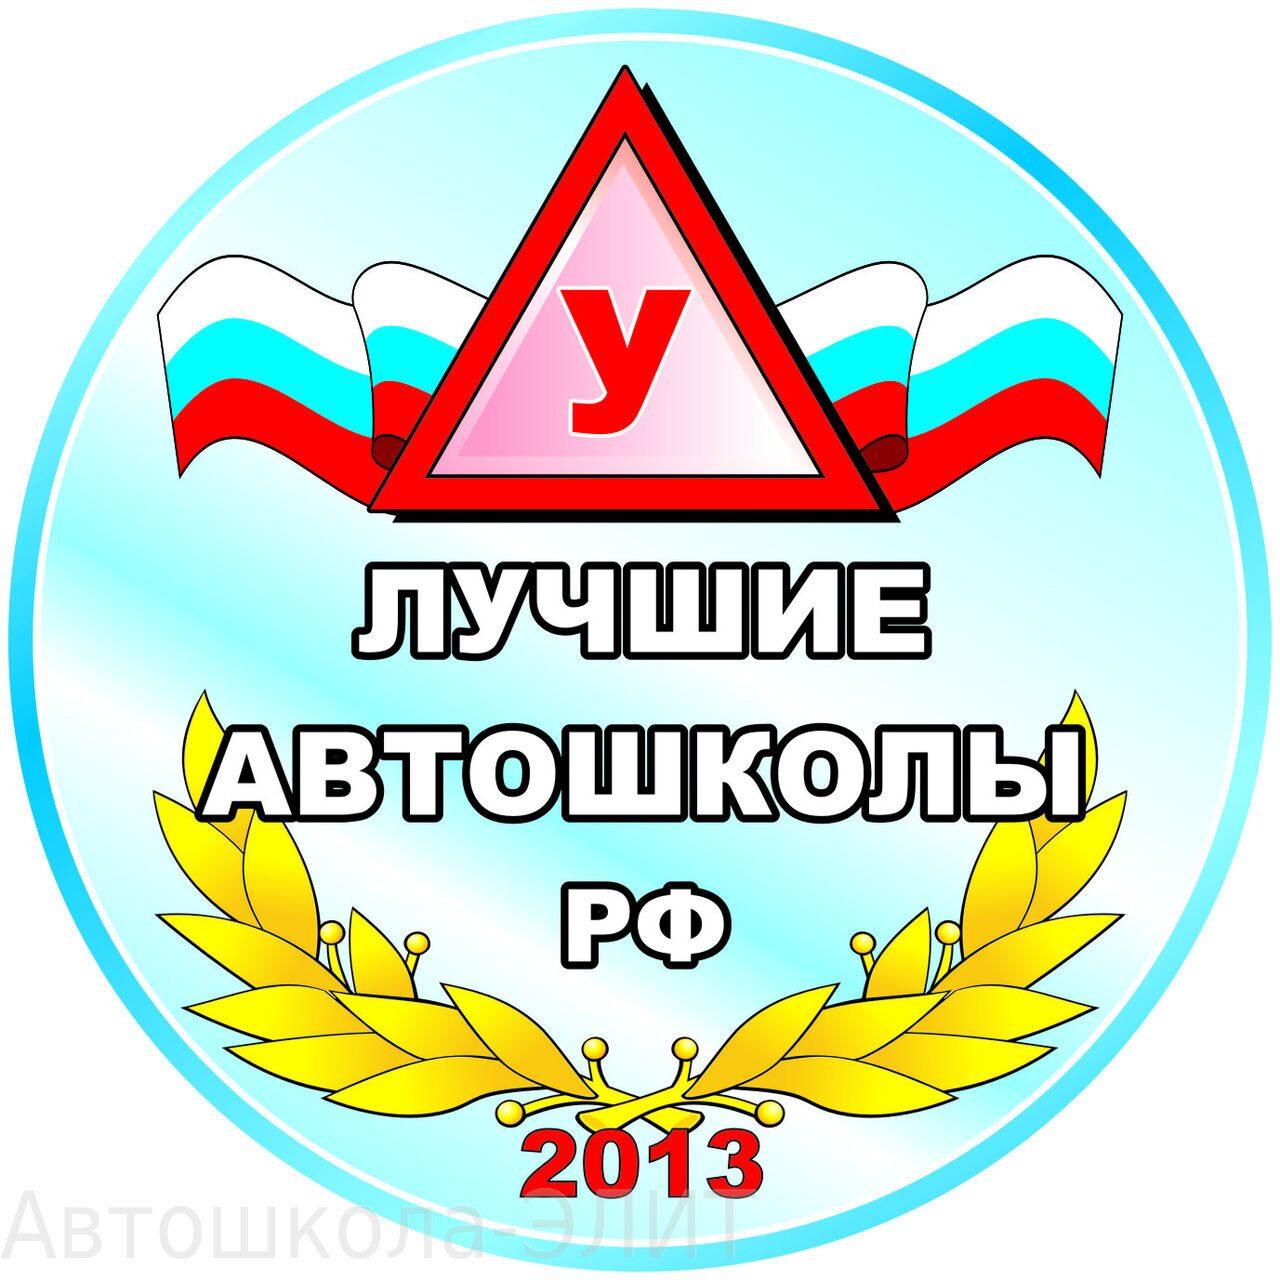 Автошкола поздравления